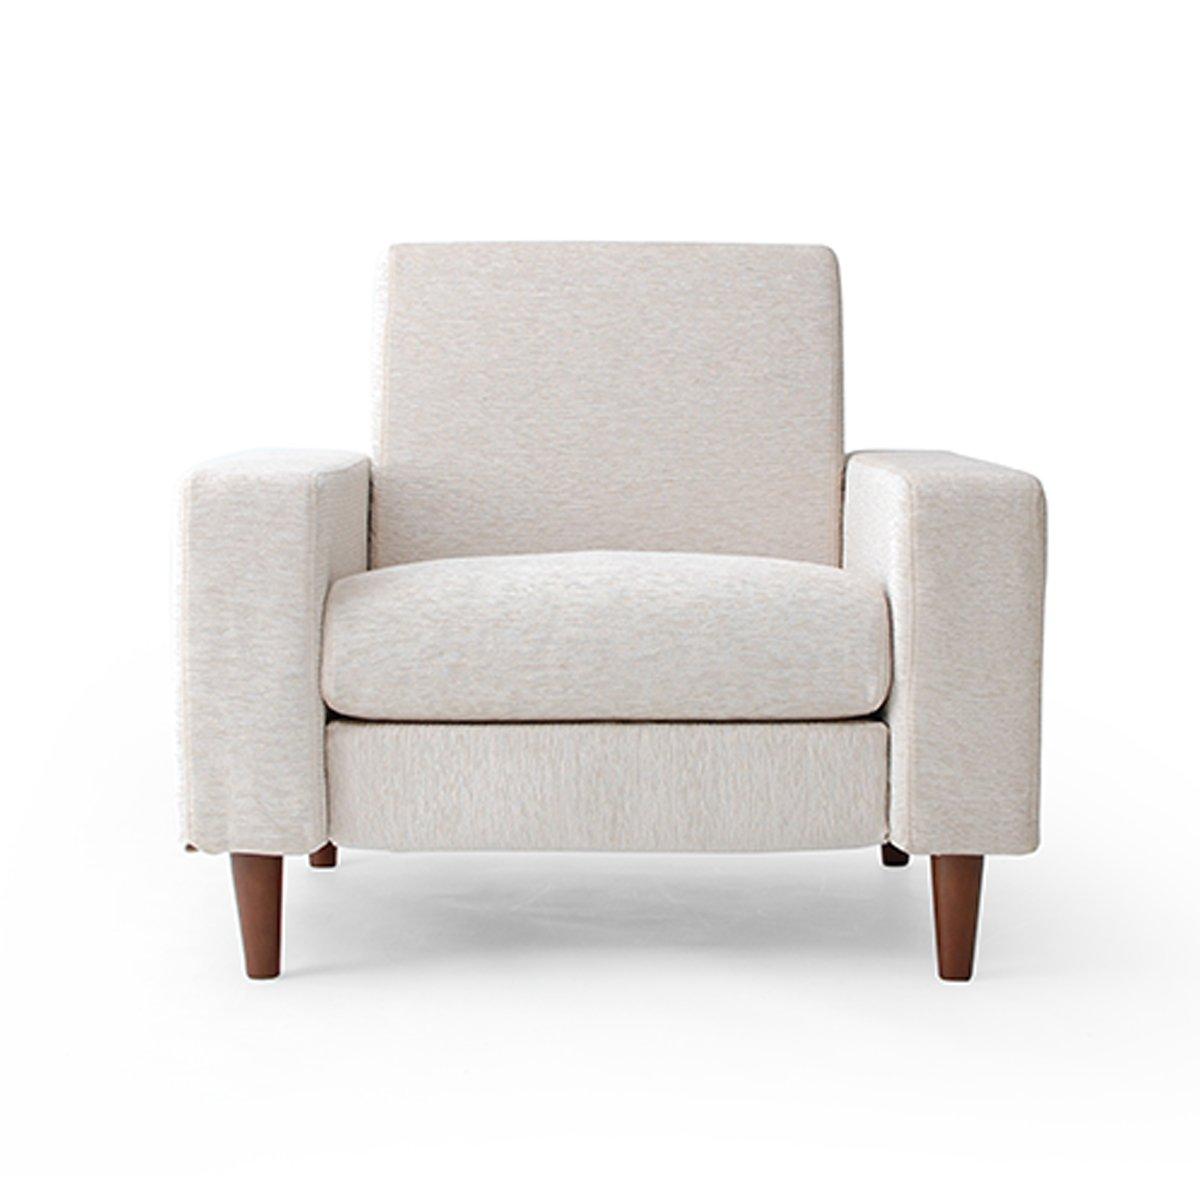 日式多人布艺沙发 高档小户型现代简约拆洗组合沙发 日本制